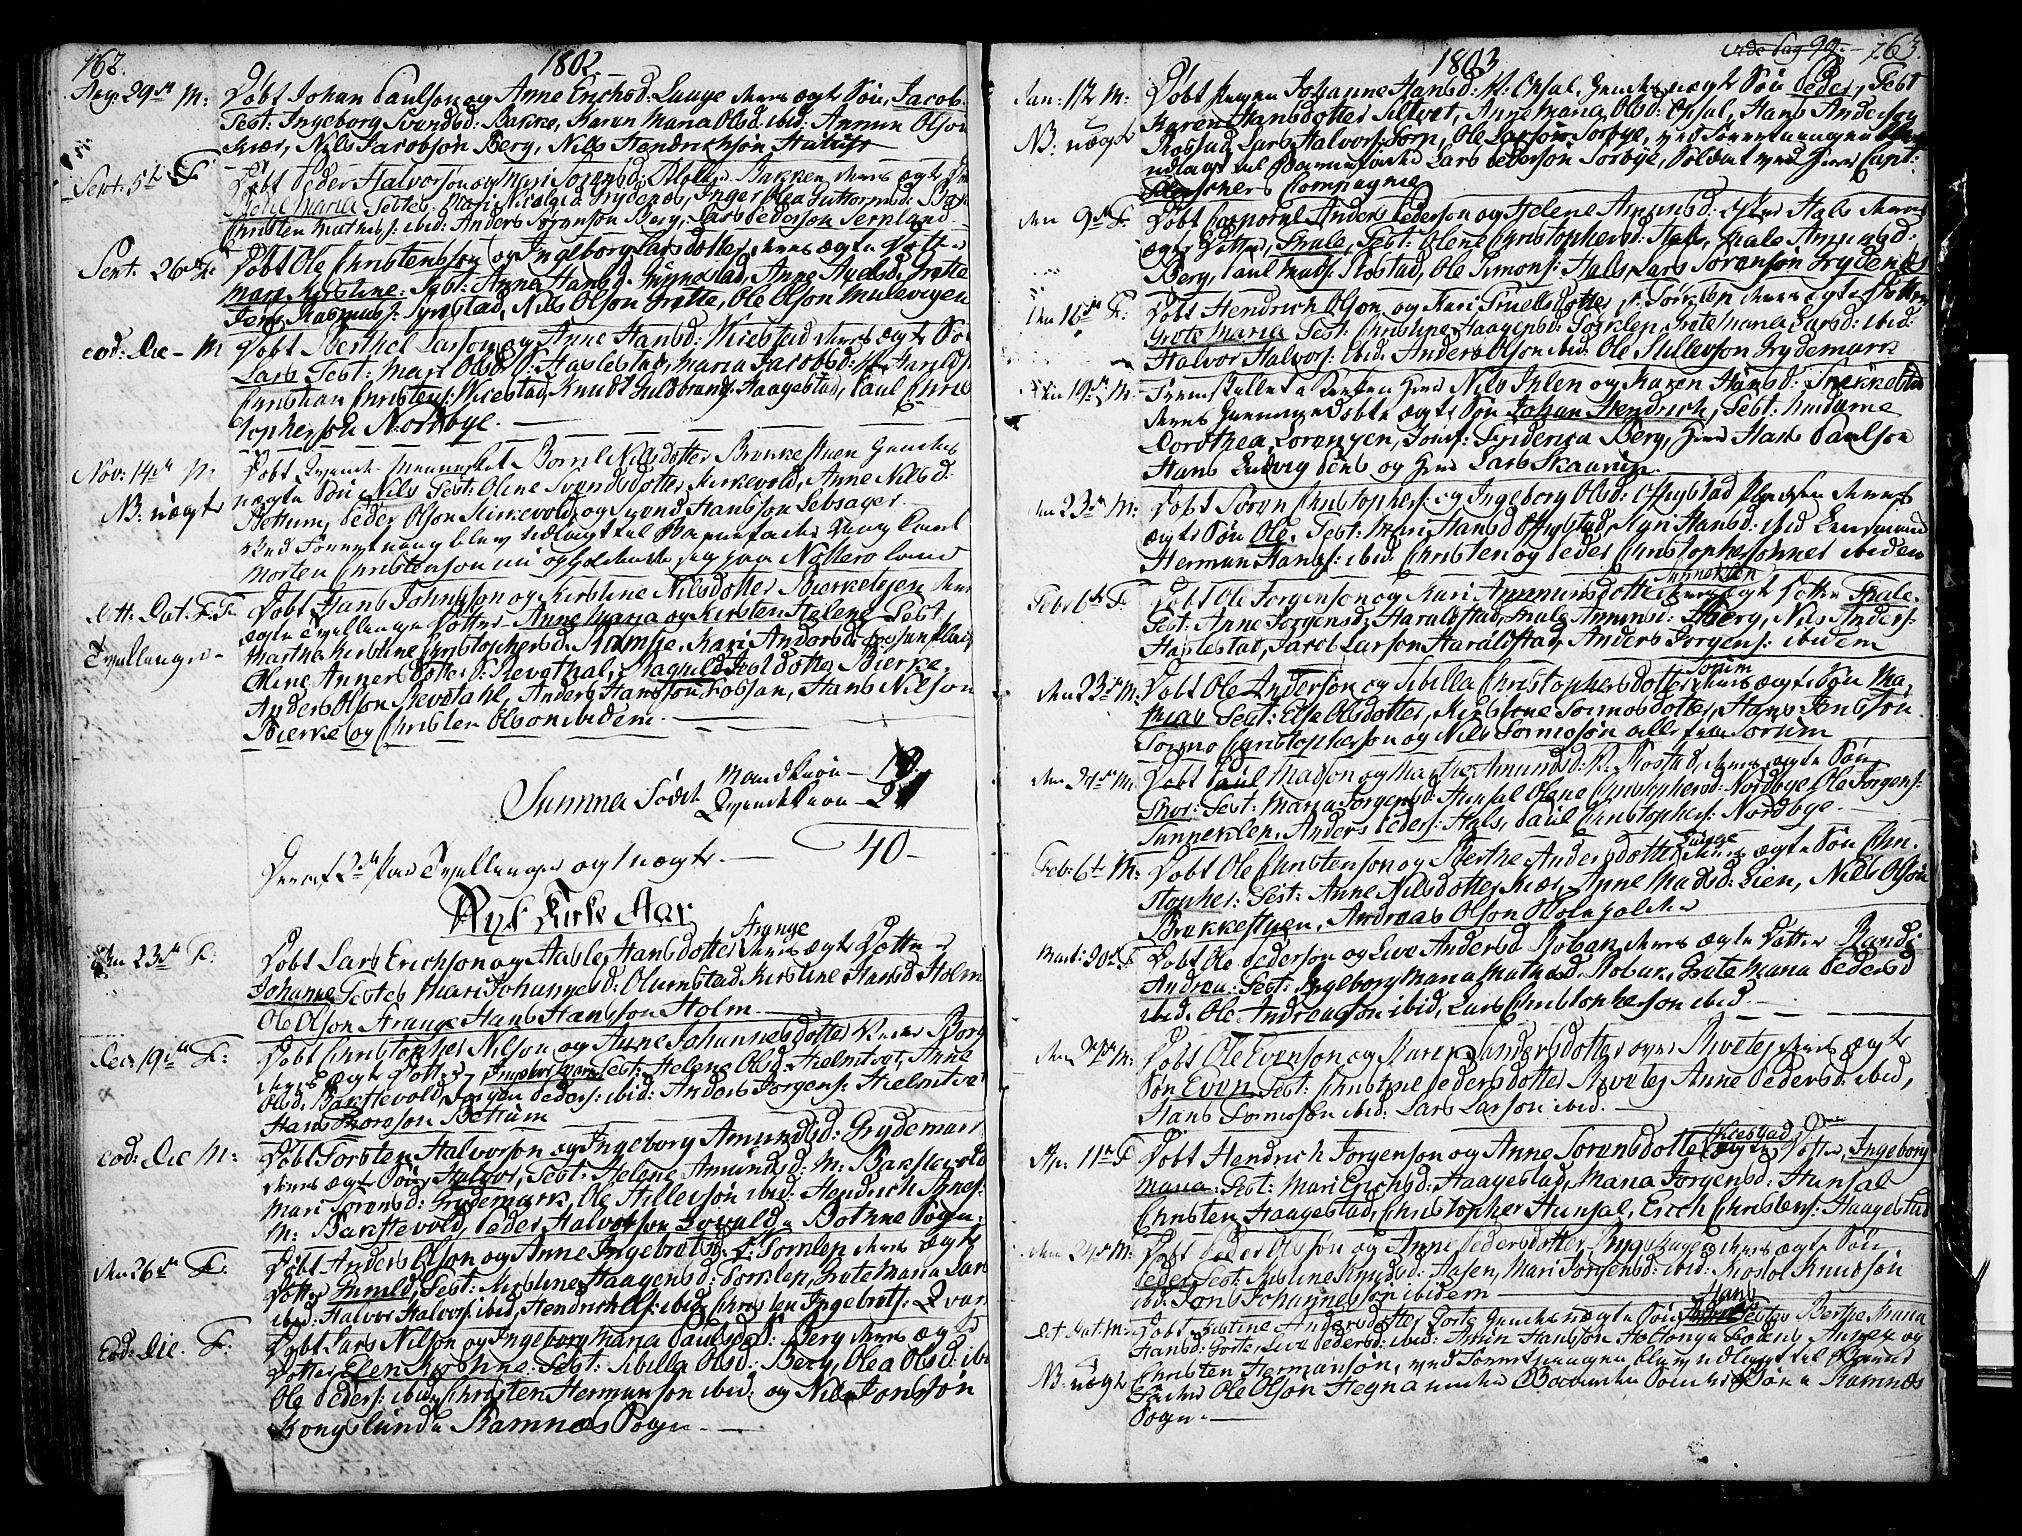 SAKO, Våle kirkebøker, F/Fa/L0005: Ministerialbok nr. I 5, 1773-1808, s. 162-163